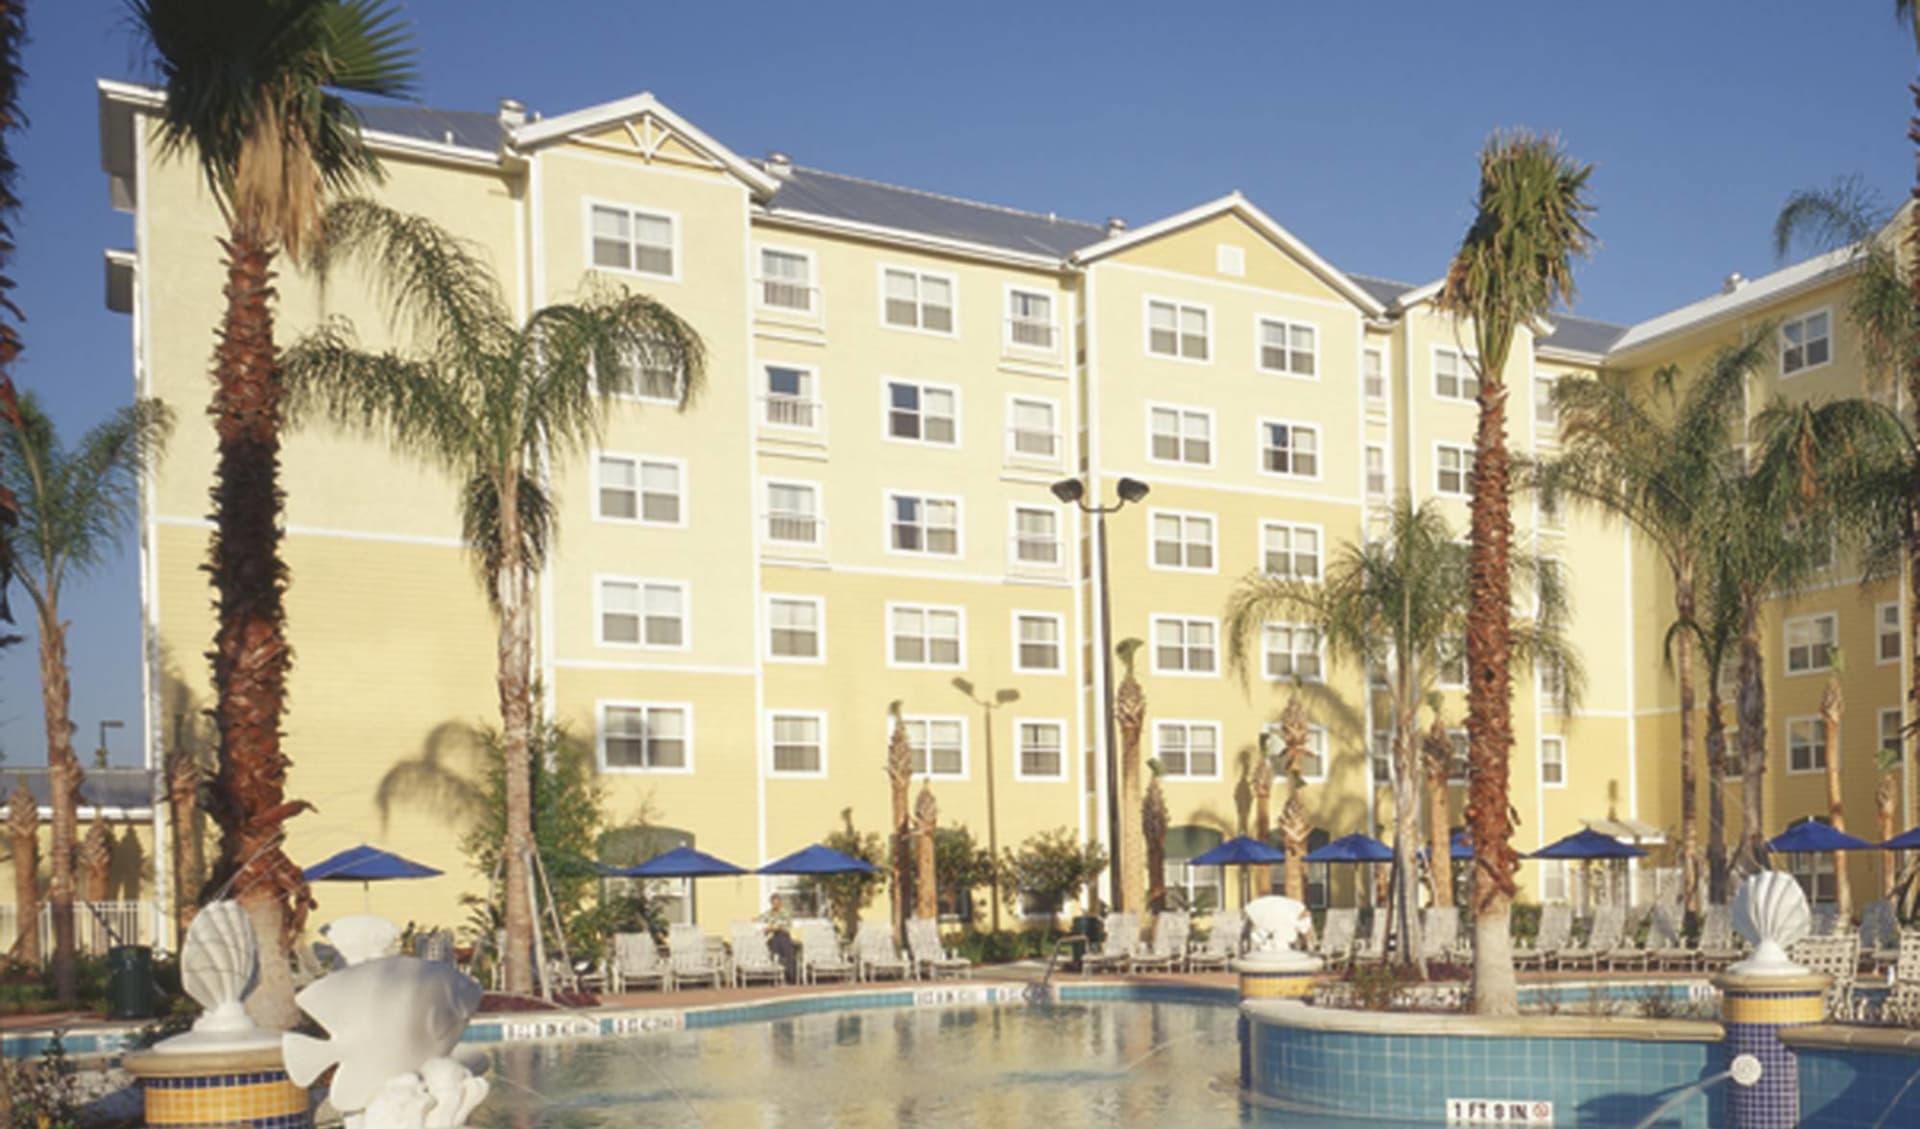 Residence Inn Orlando at SeaWorld: exterior residence inn orlando seaworld hotelansicht pool palmen